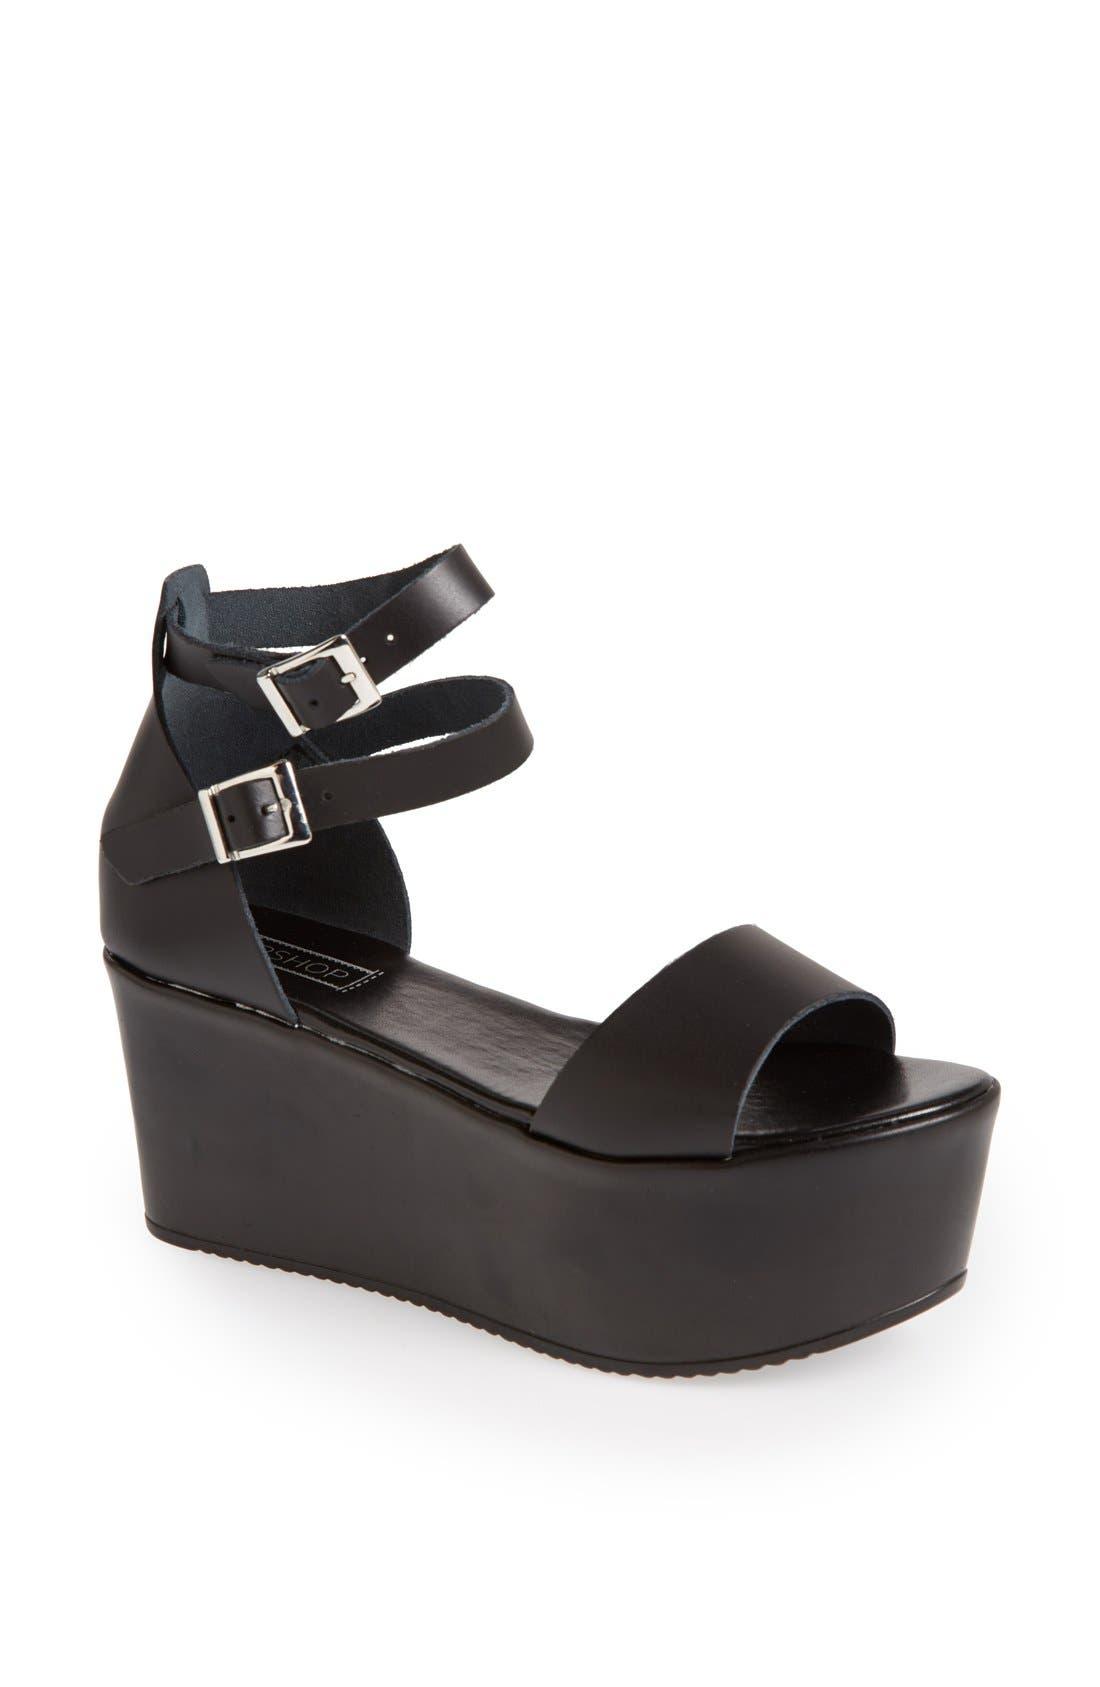 TOPSHOP, 'Wallis' Ankle Strap Platform Sandal, Main thumbnail 1, color, 001